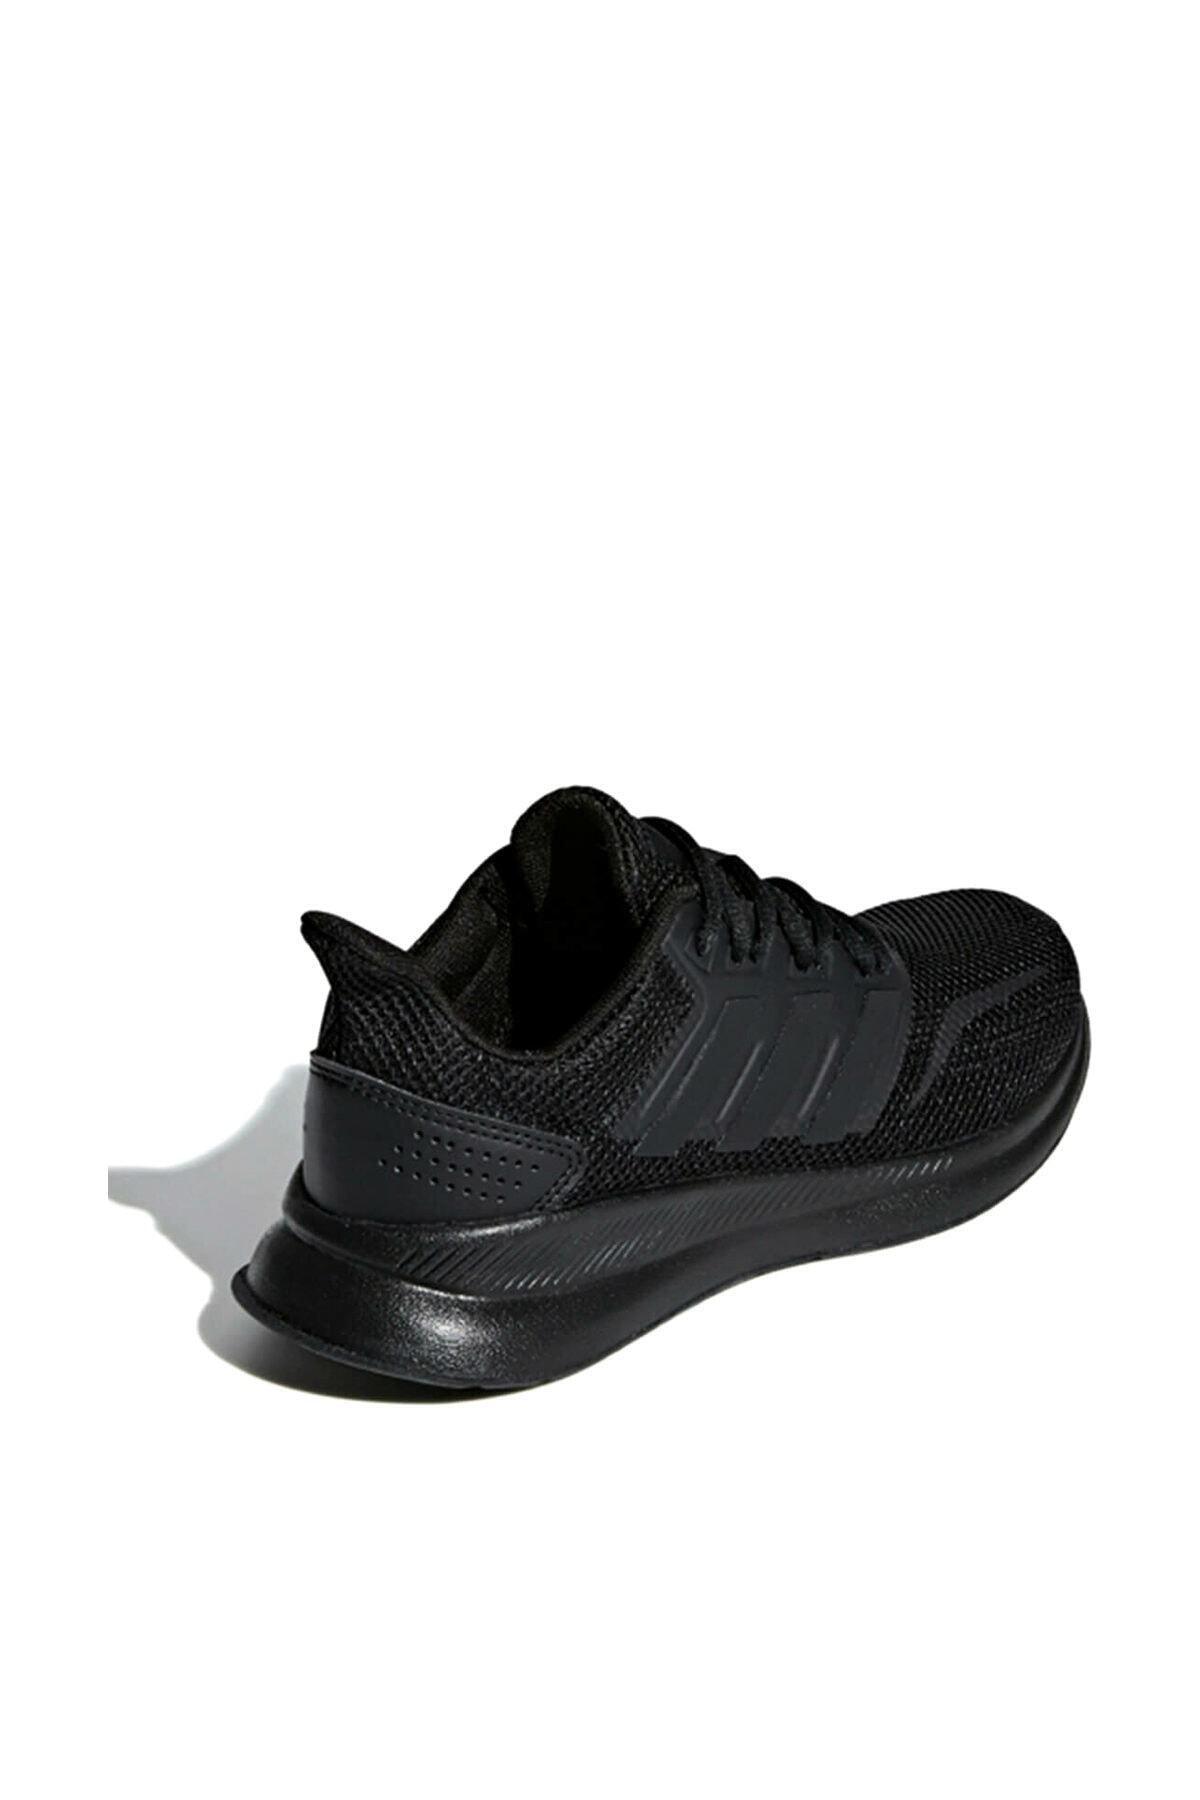 adidas Runfalcon K Siyah Unisex Koşu Ayakkabısı 2